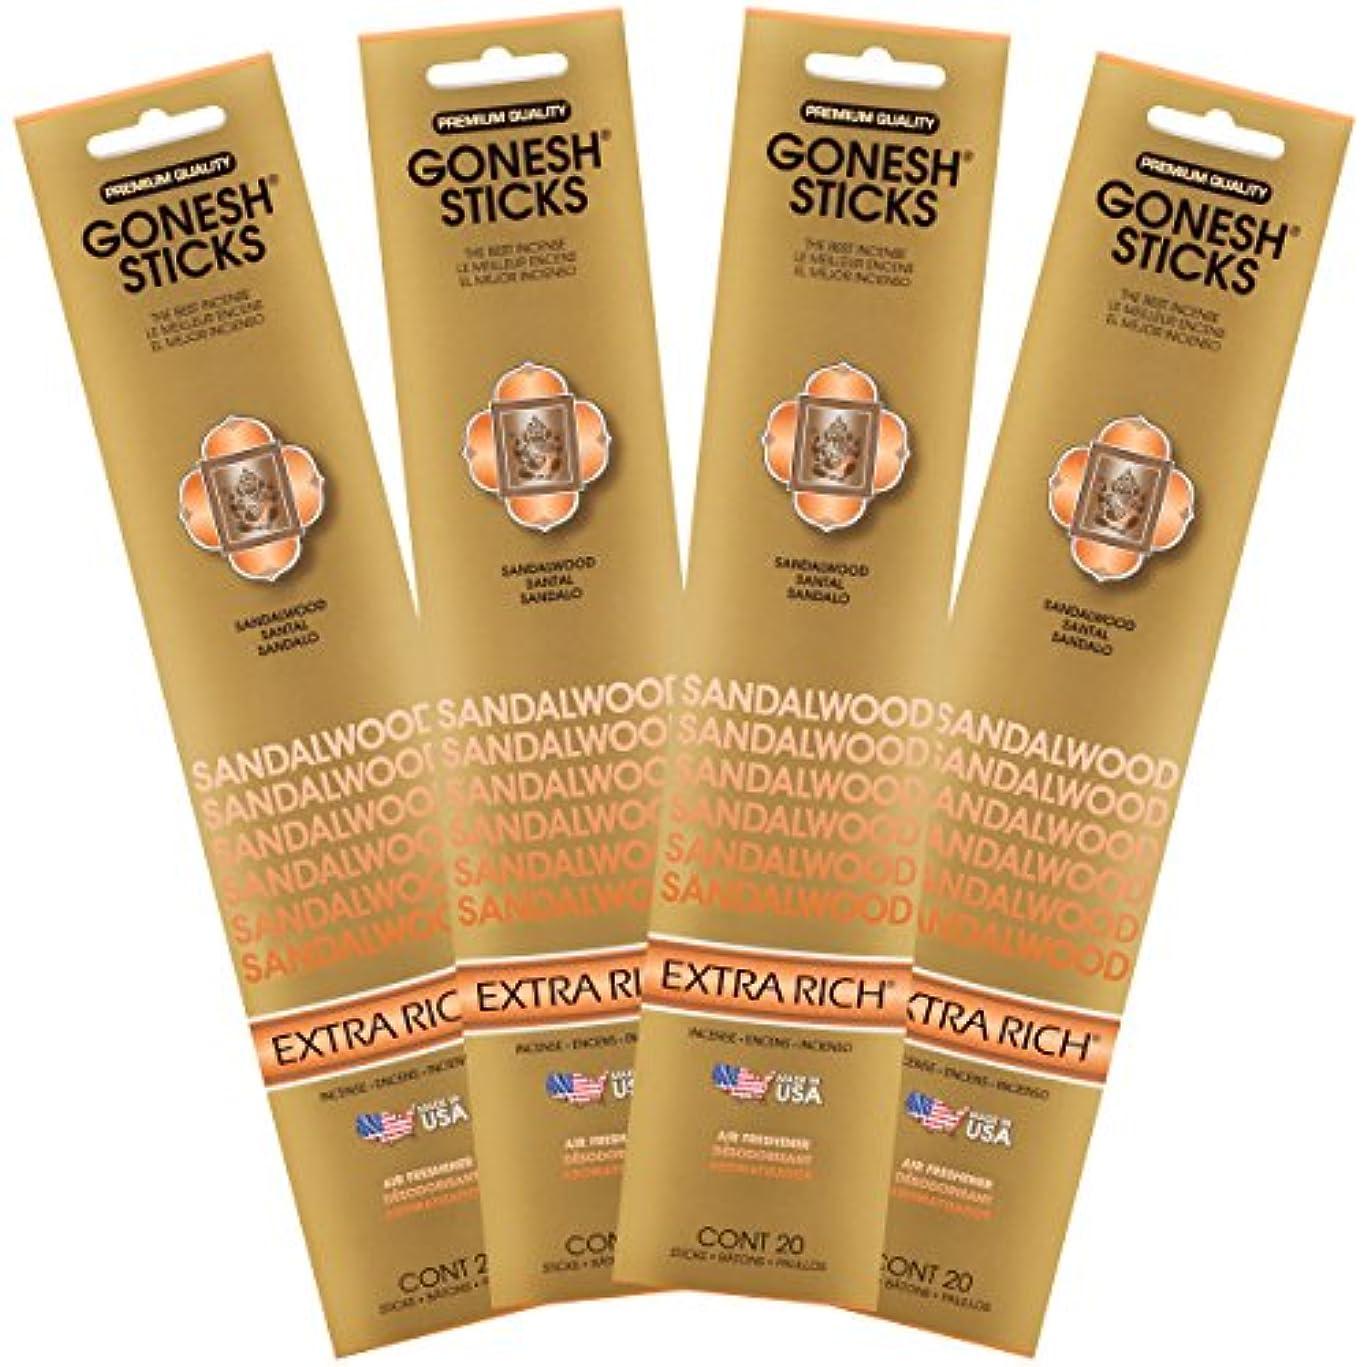 ネーピアマグキャンプ(Set of Four 20-Stick Packs) - Sandalwood - 4 PACK- Extra Rich Incense by GONESH